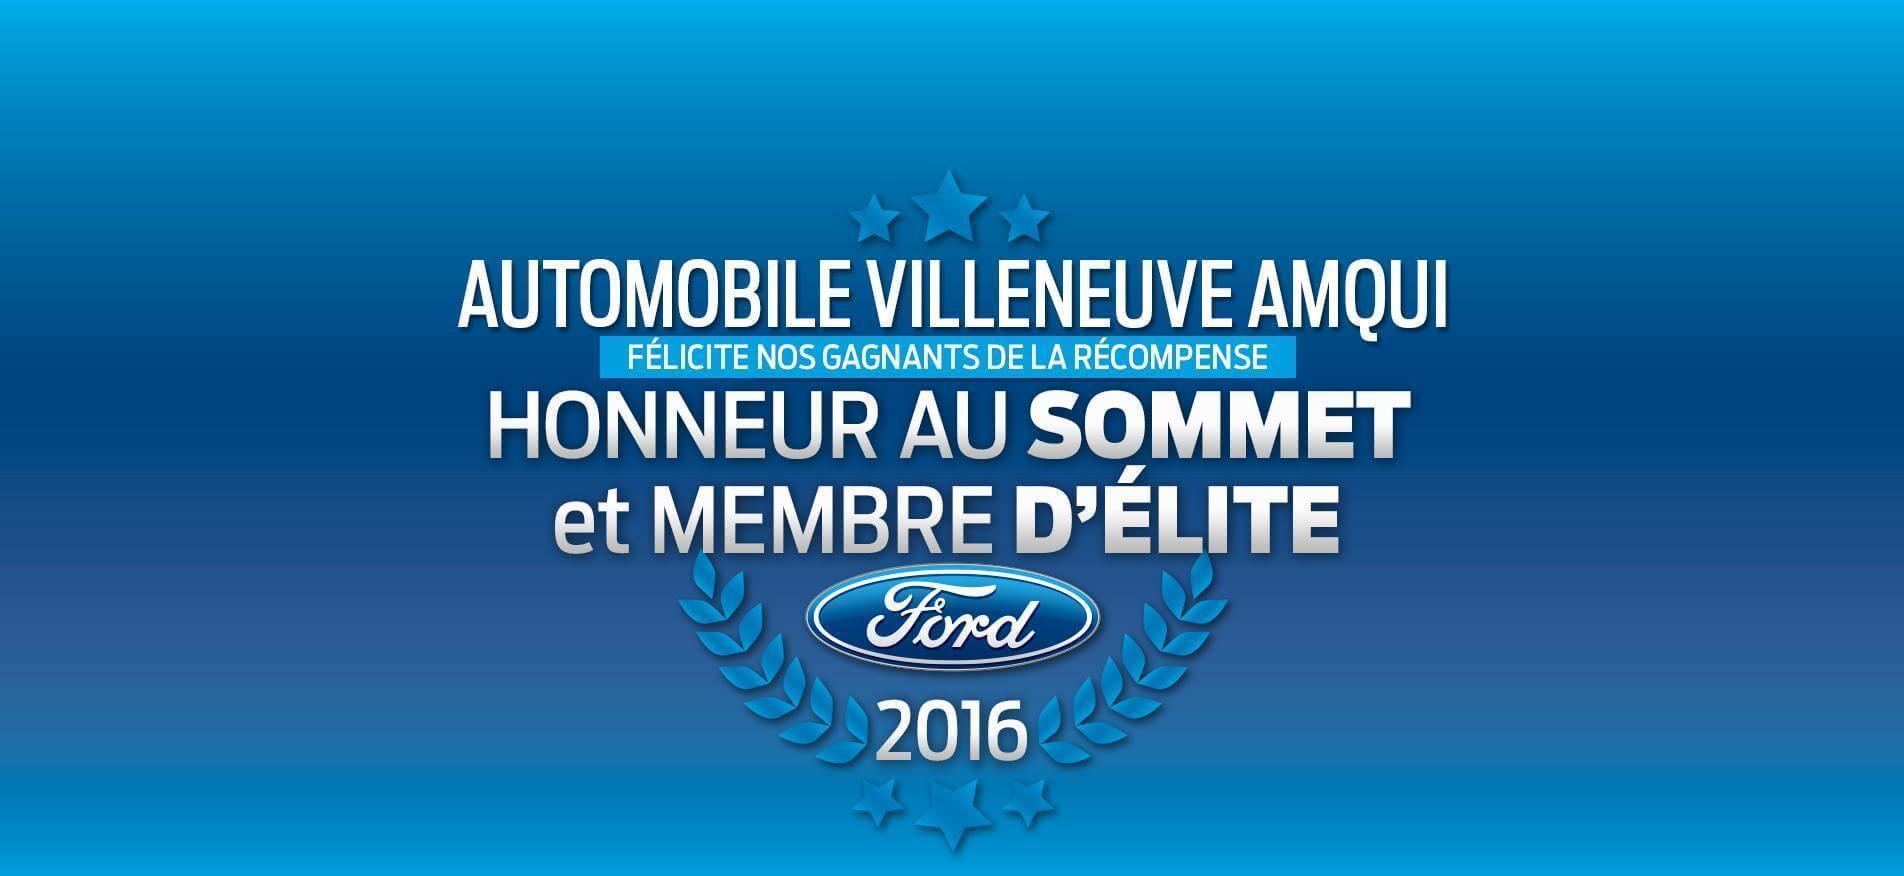 Honneur au sommet Automobile Villeneuve Amqui